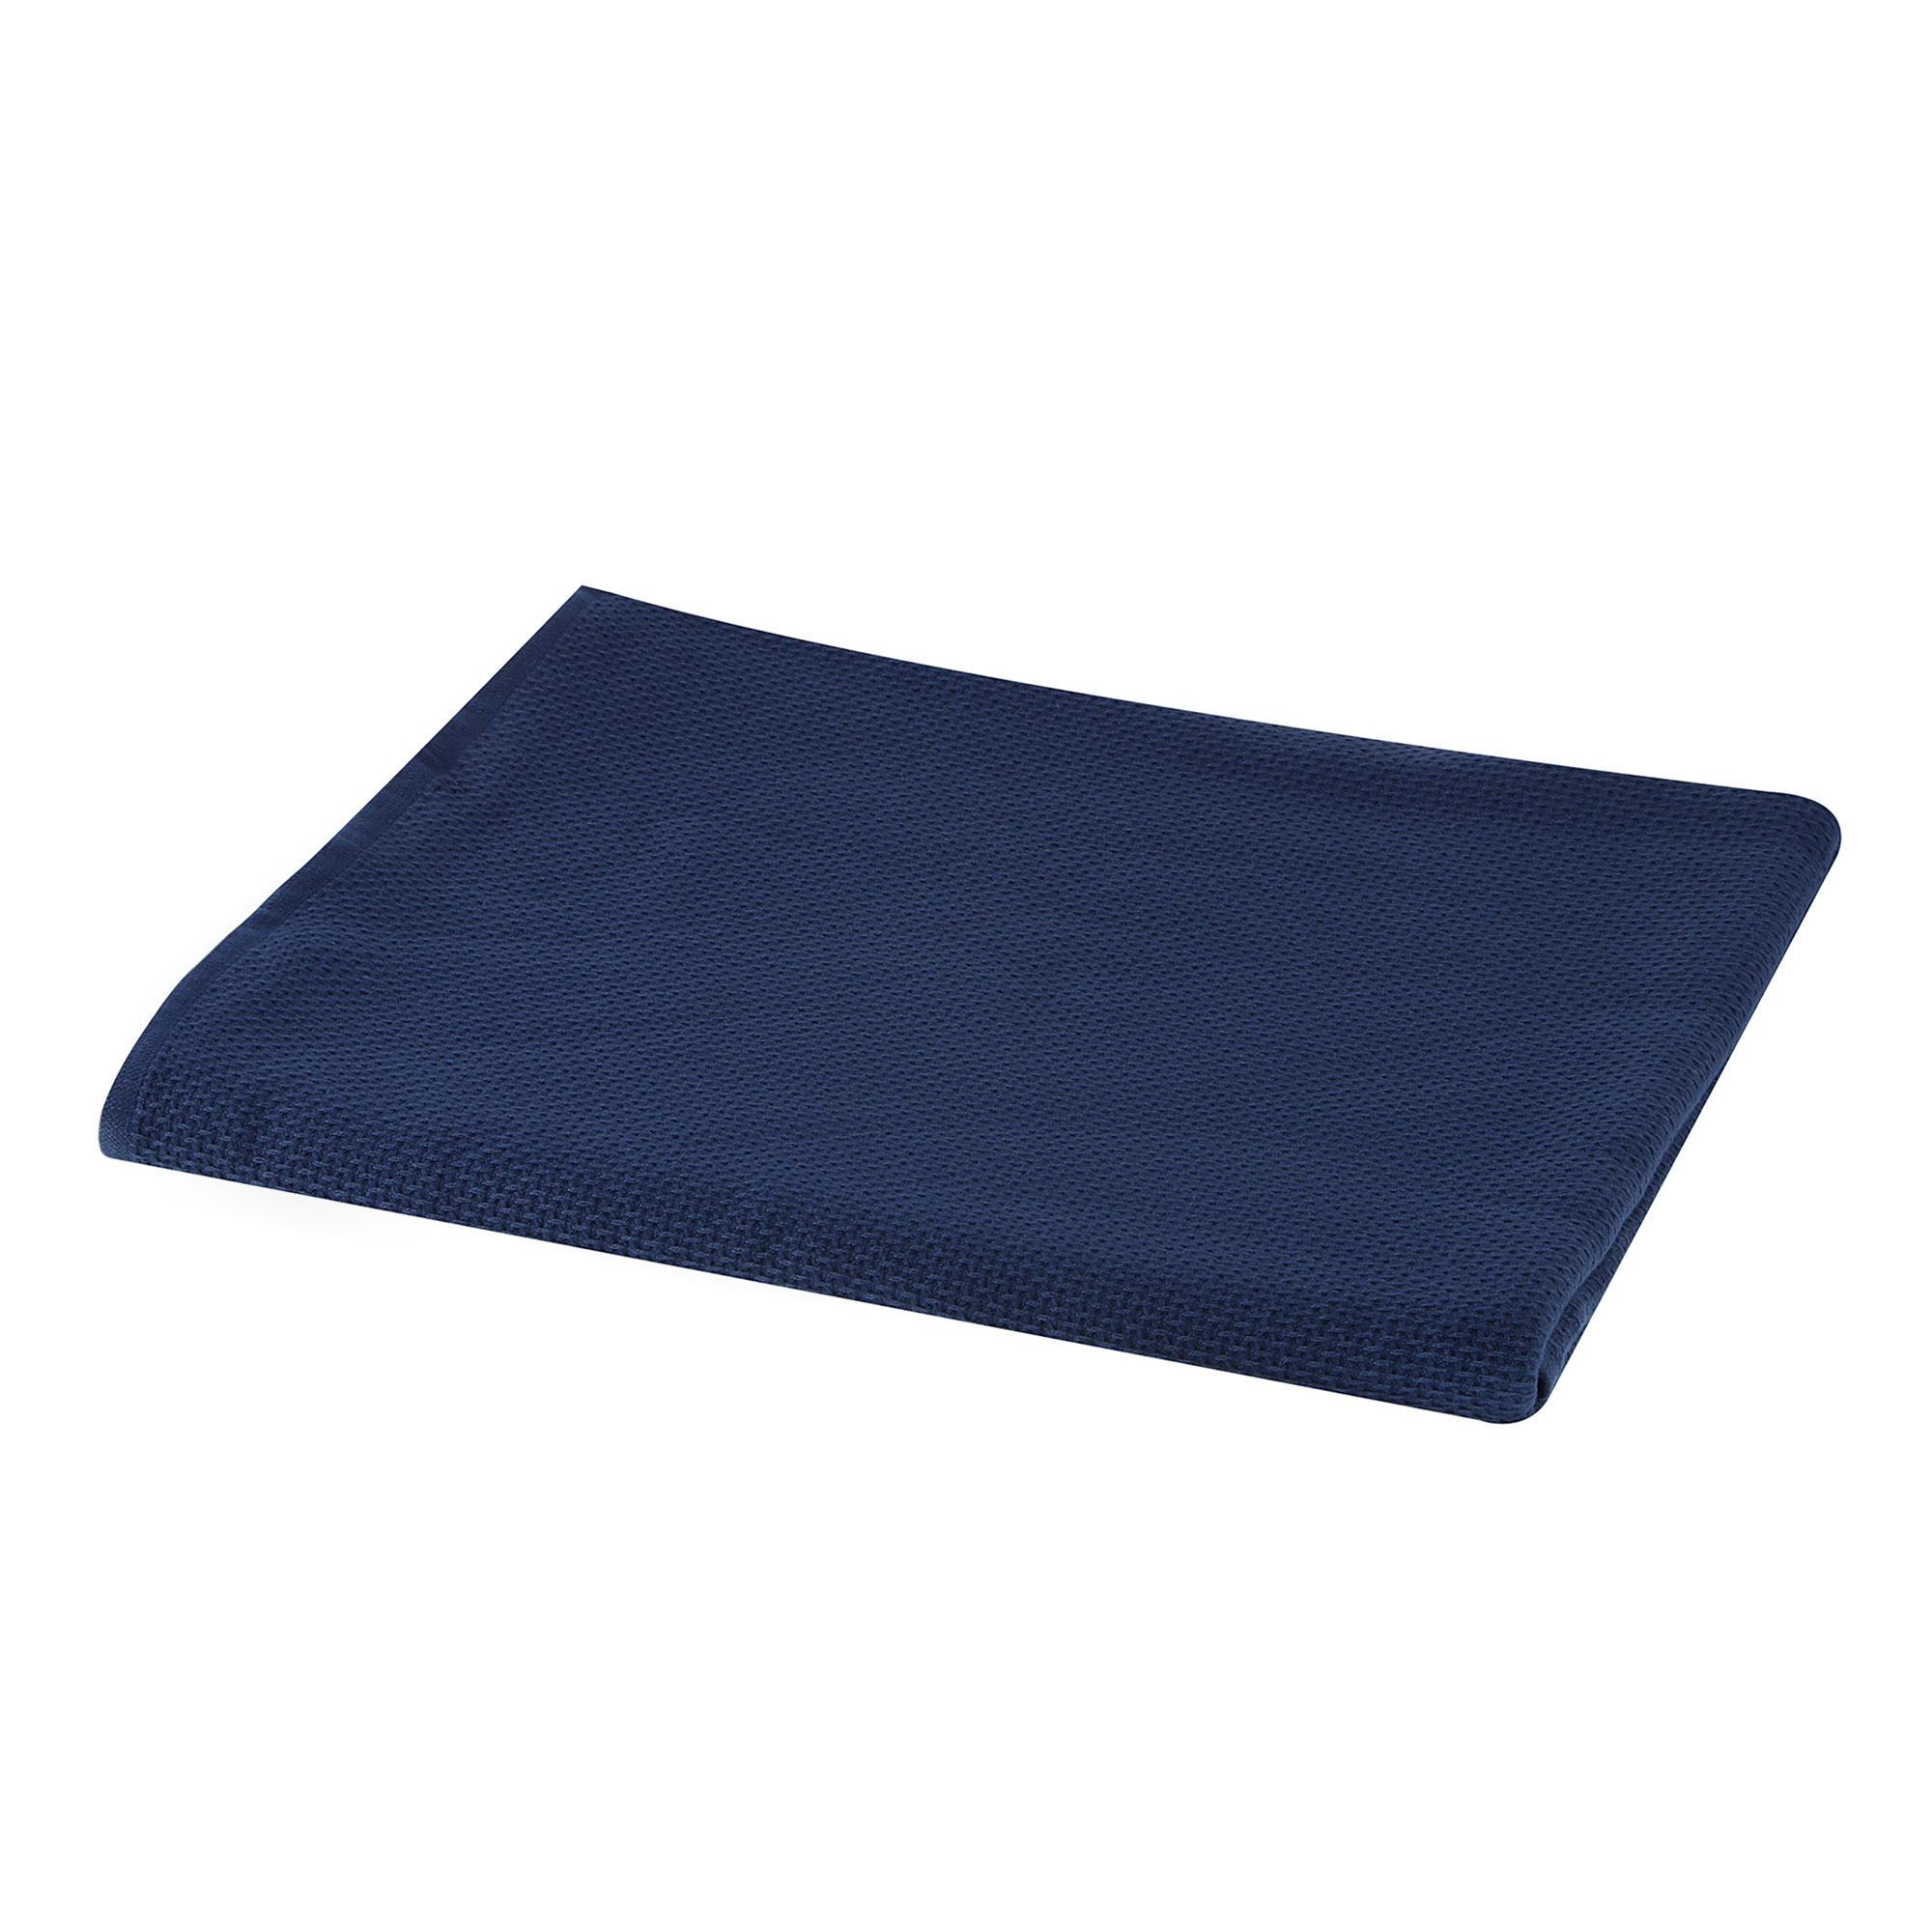 Полотенце двухстороннее Asil 150x200 d.blue.